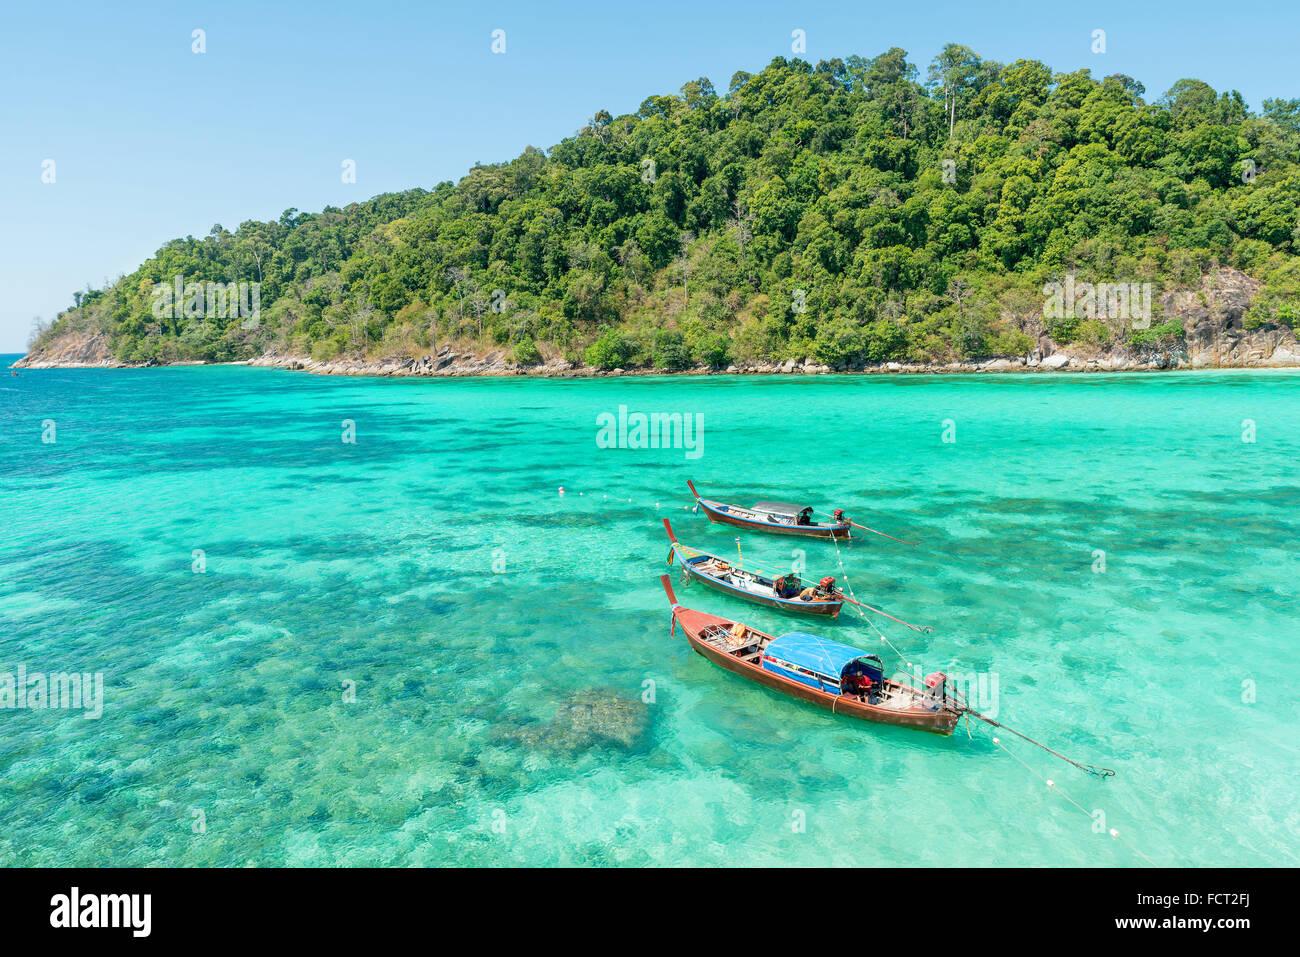 Sommer, Reisen, Urlaub und Ferien Konzept - tropischen Strand, Longtail Boote, Andaman Meer in Phuket, Thailand Stockbild